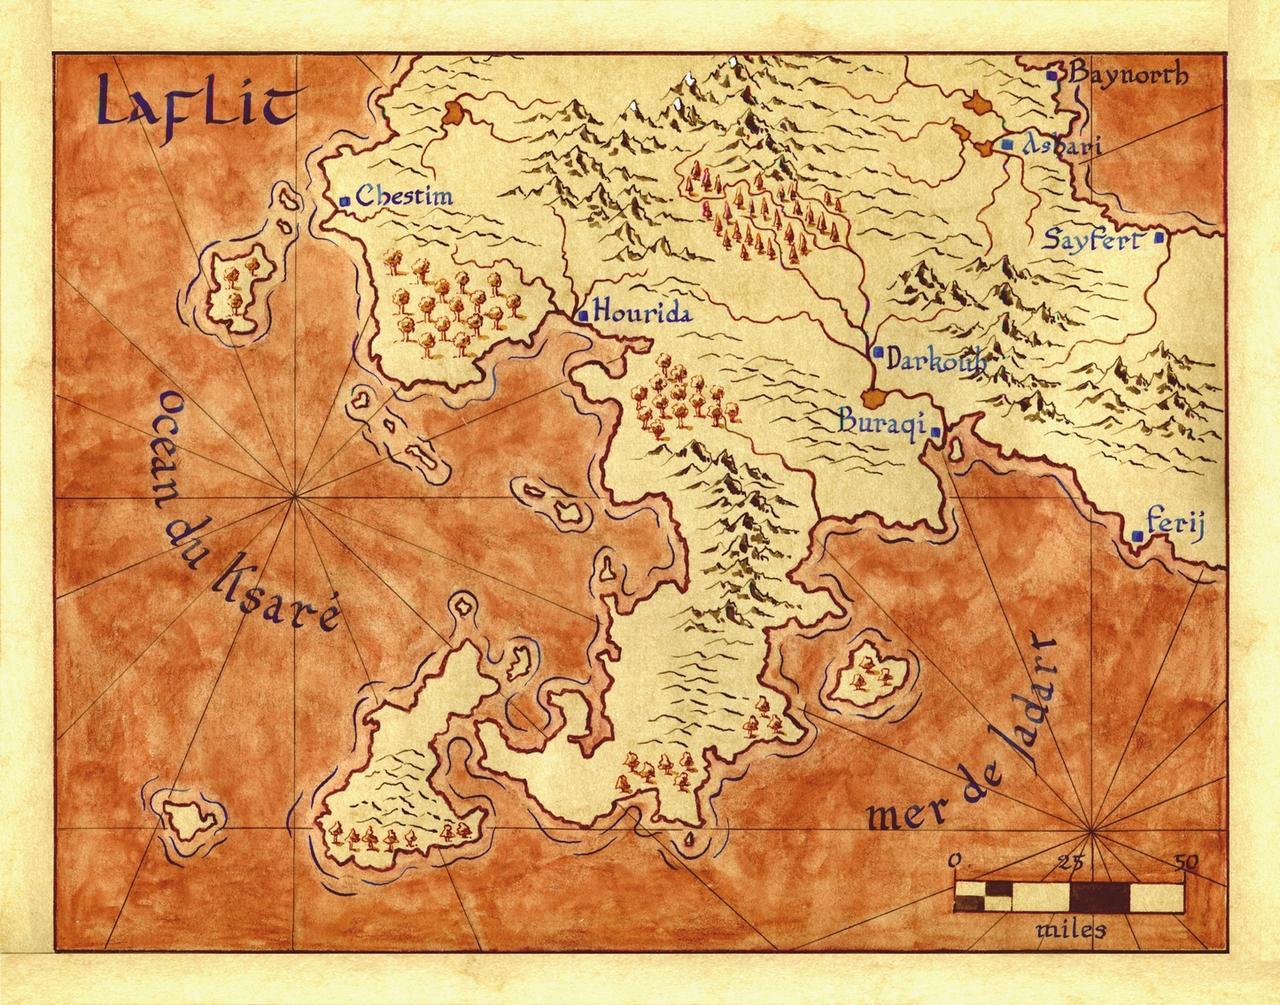 Terra incognita 4 sur papier peau d'�l�phant, � l'encre et l'aquarelle